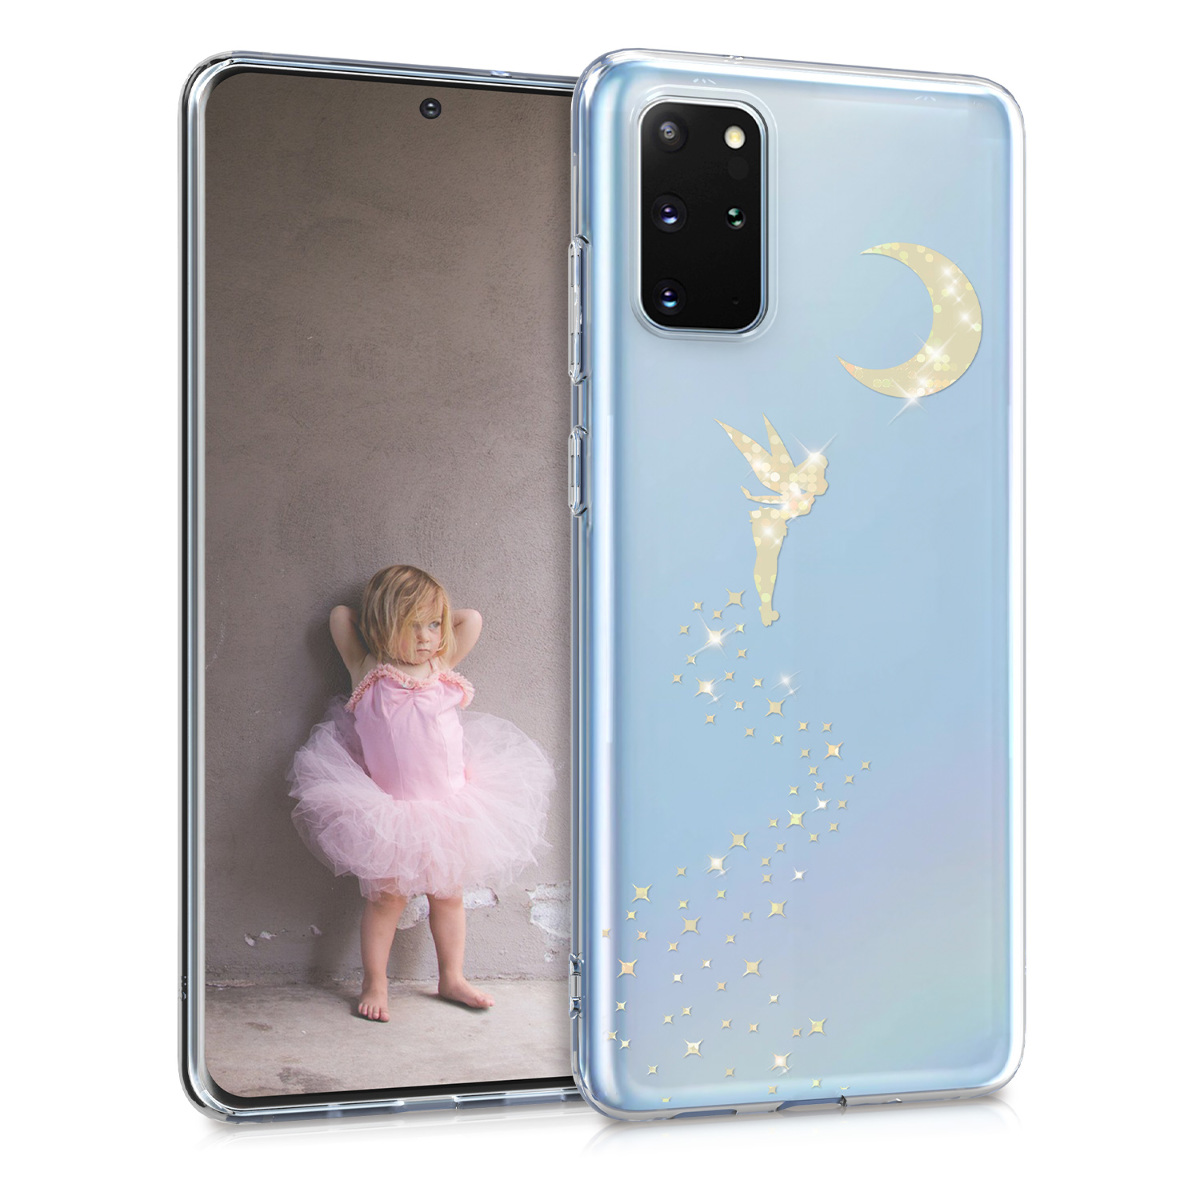 Silikonové pouzdro / obal se zlatým motivem víly a měsíce pro Samsung S20 Plus